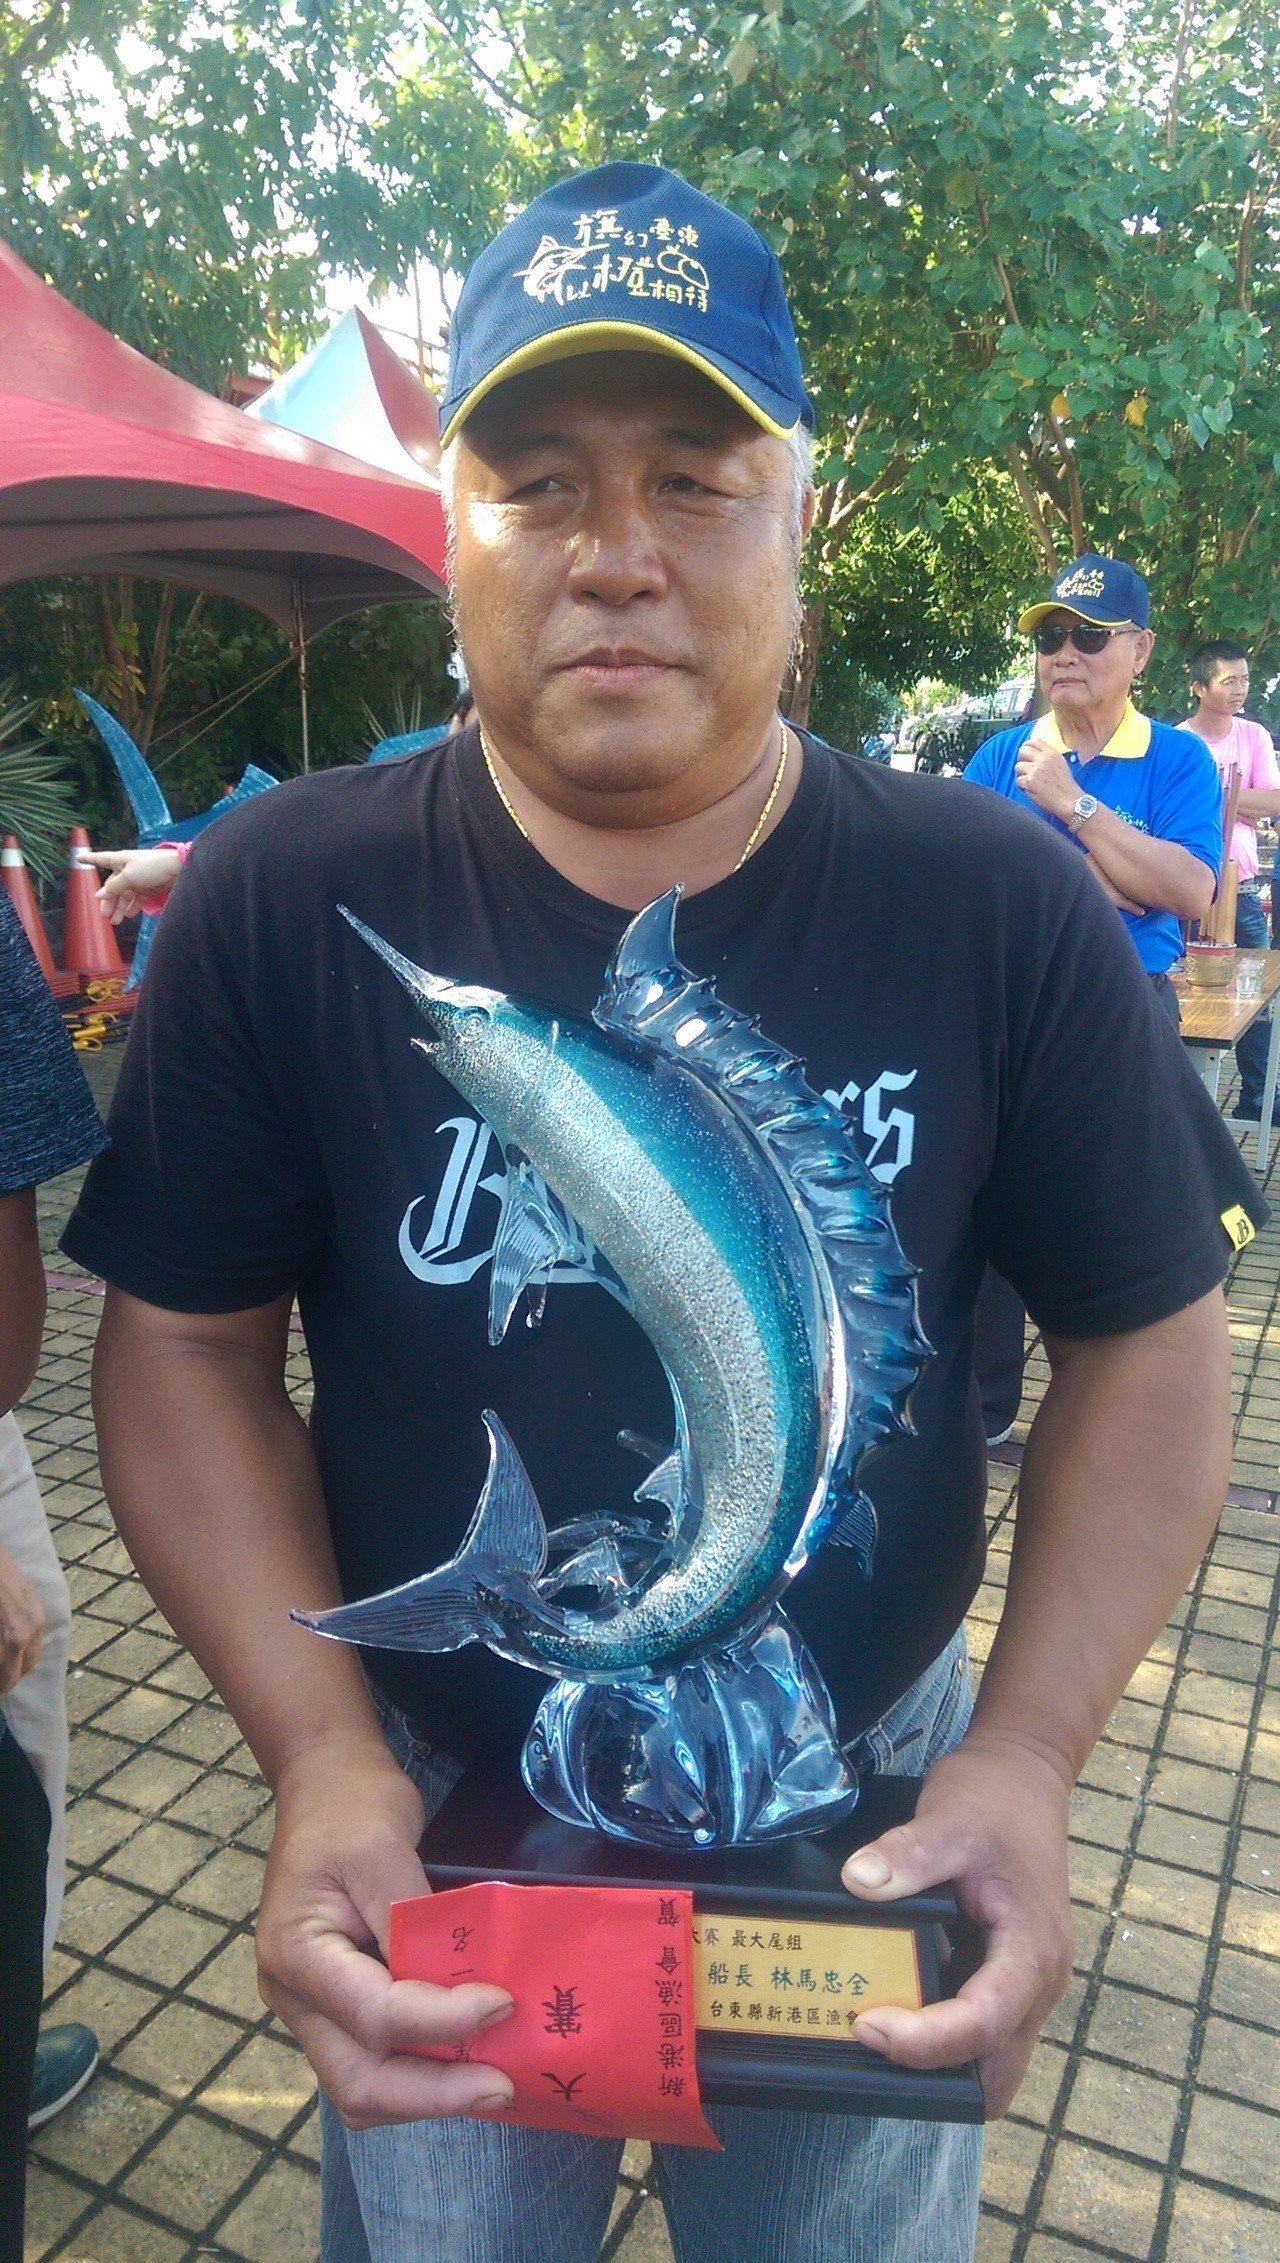 今年鏢旗魚冠軍得主船長林馬忠,鏢到219公斤旗魚。記者尤聰光/攝影